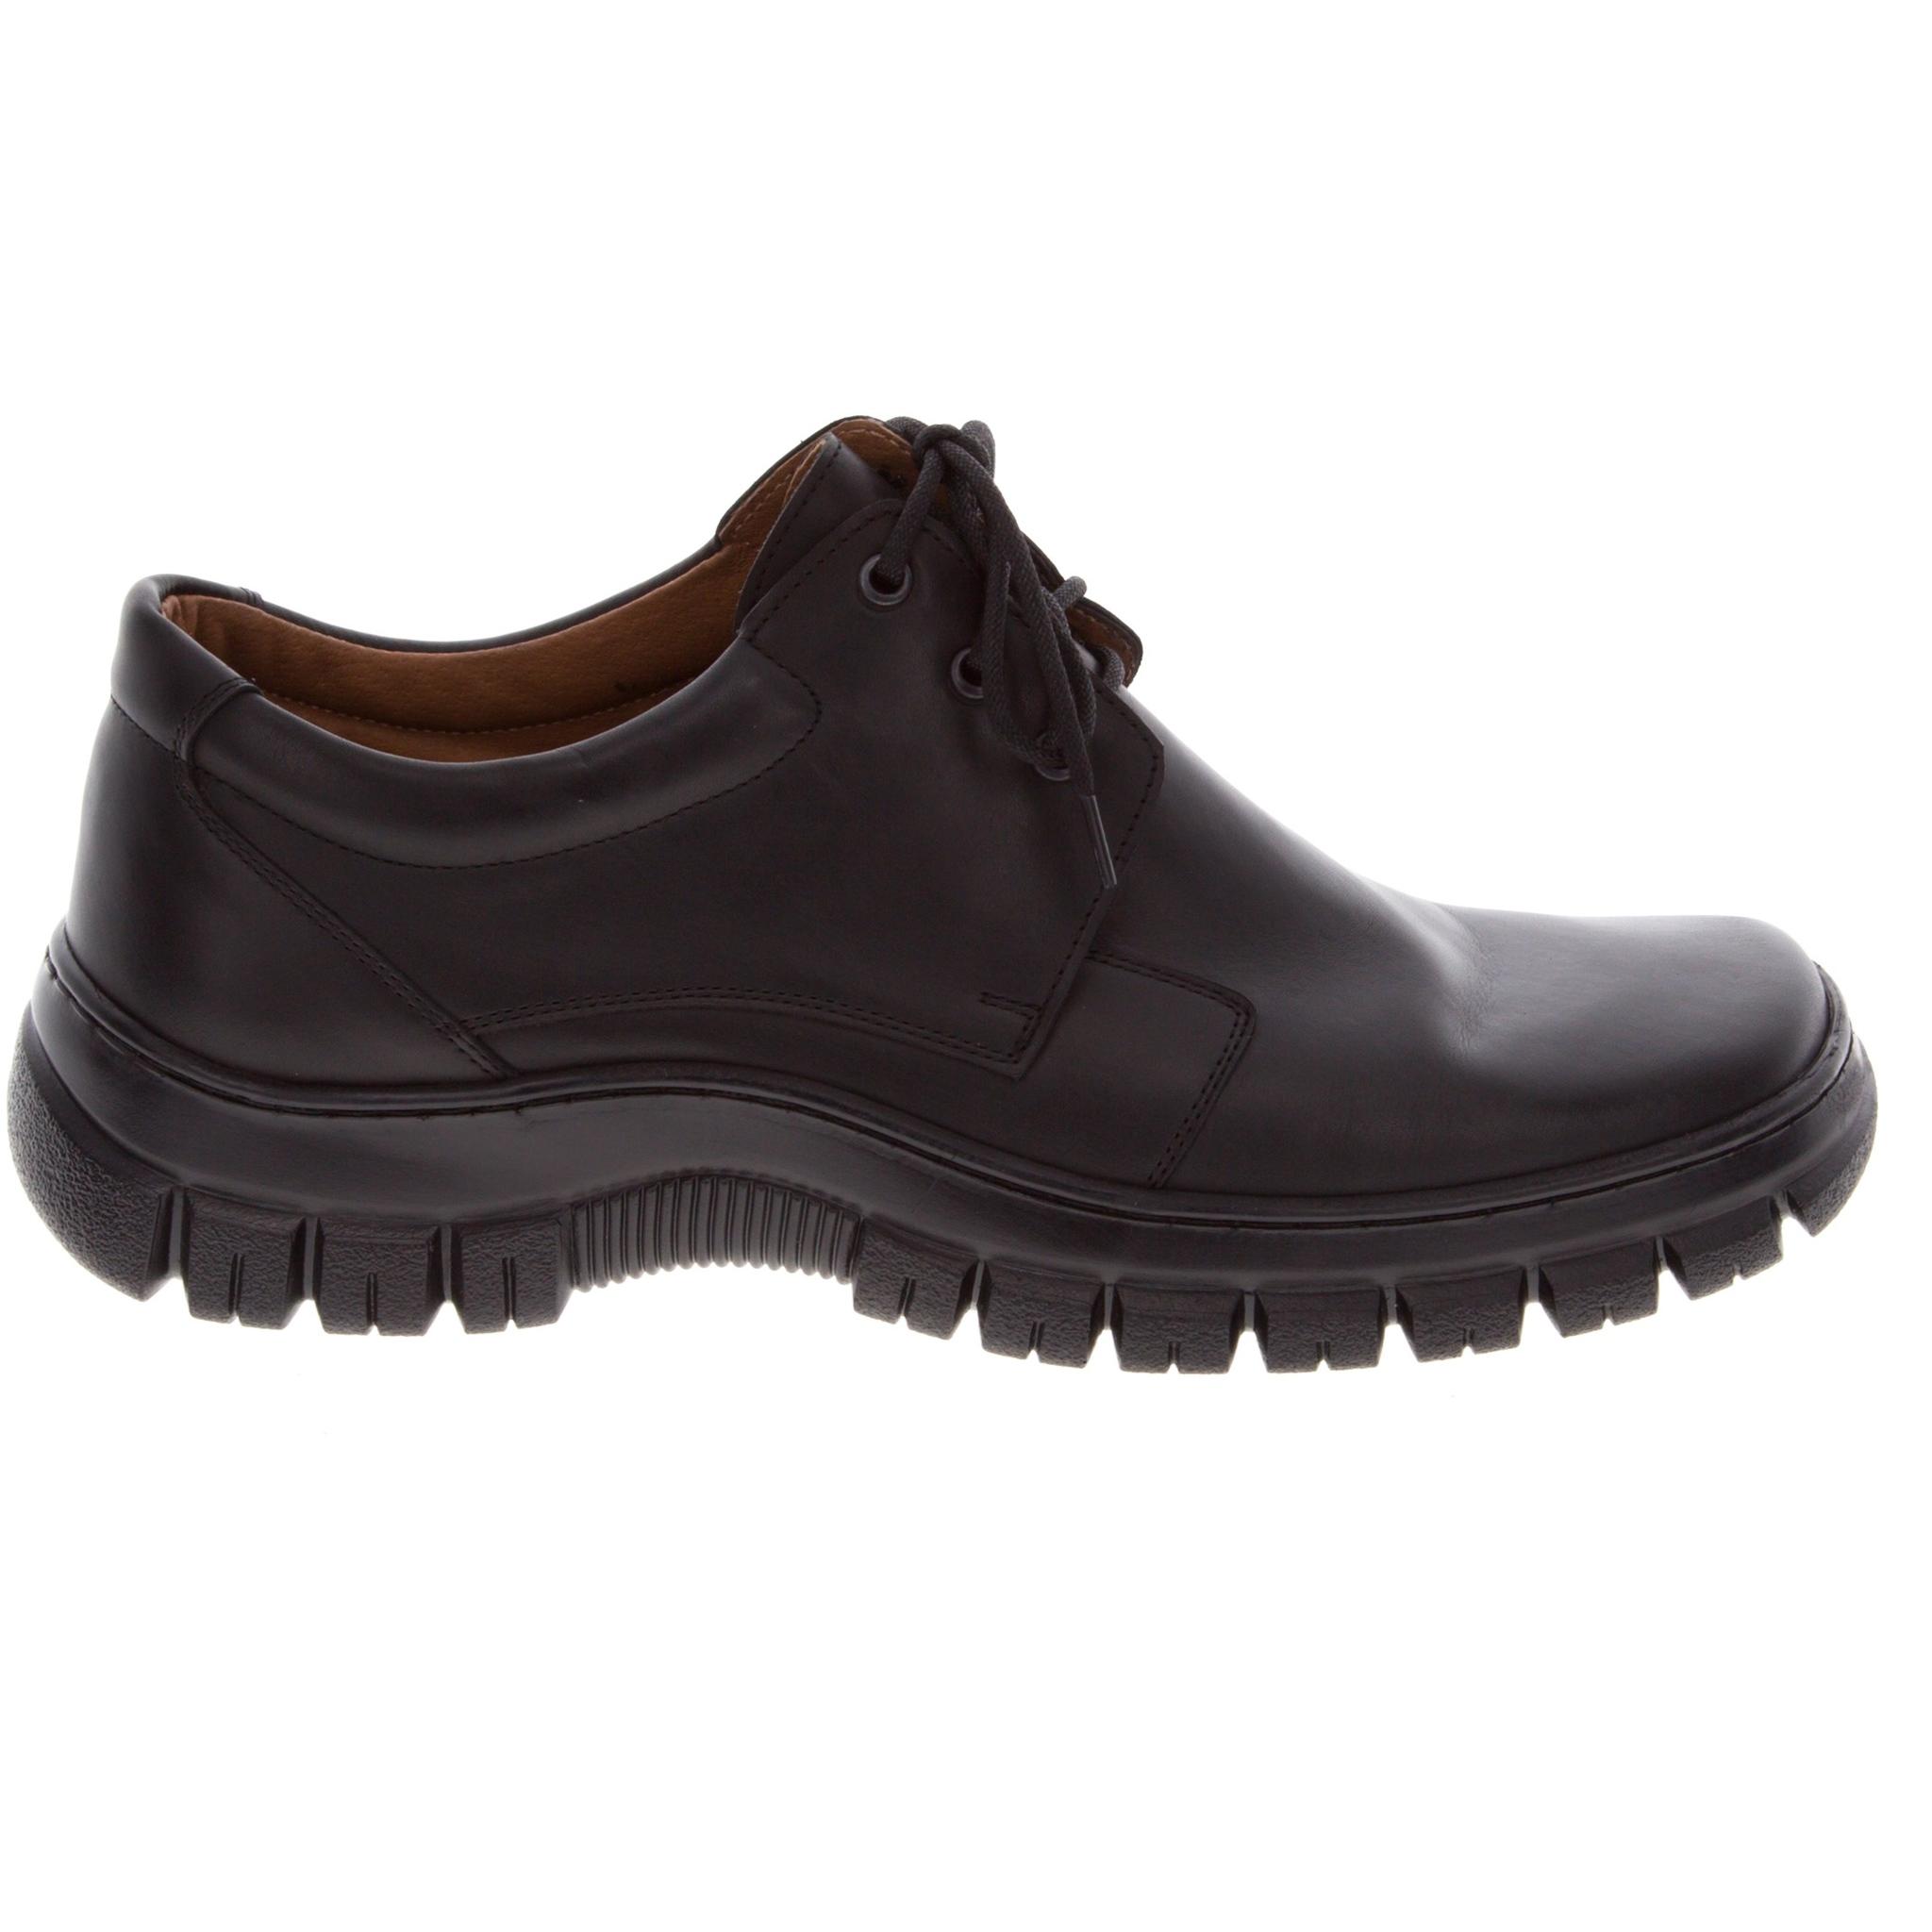 088314 п\ботинки мужские больших размеров марки Делфино